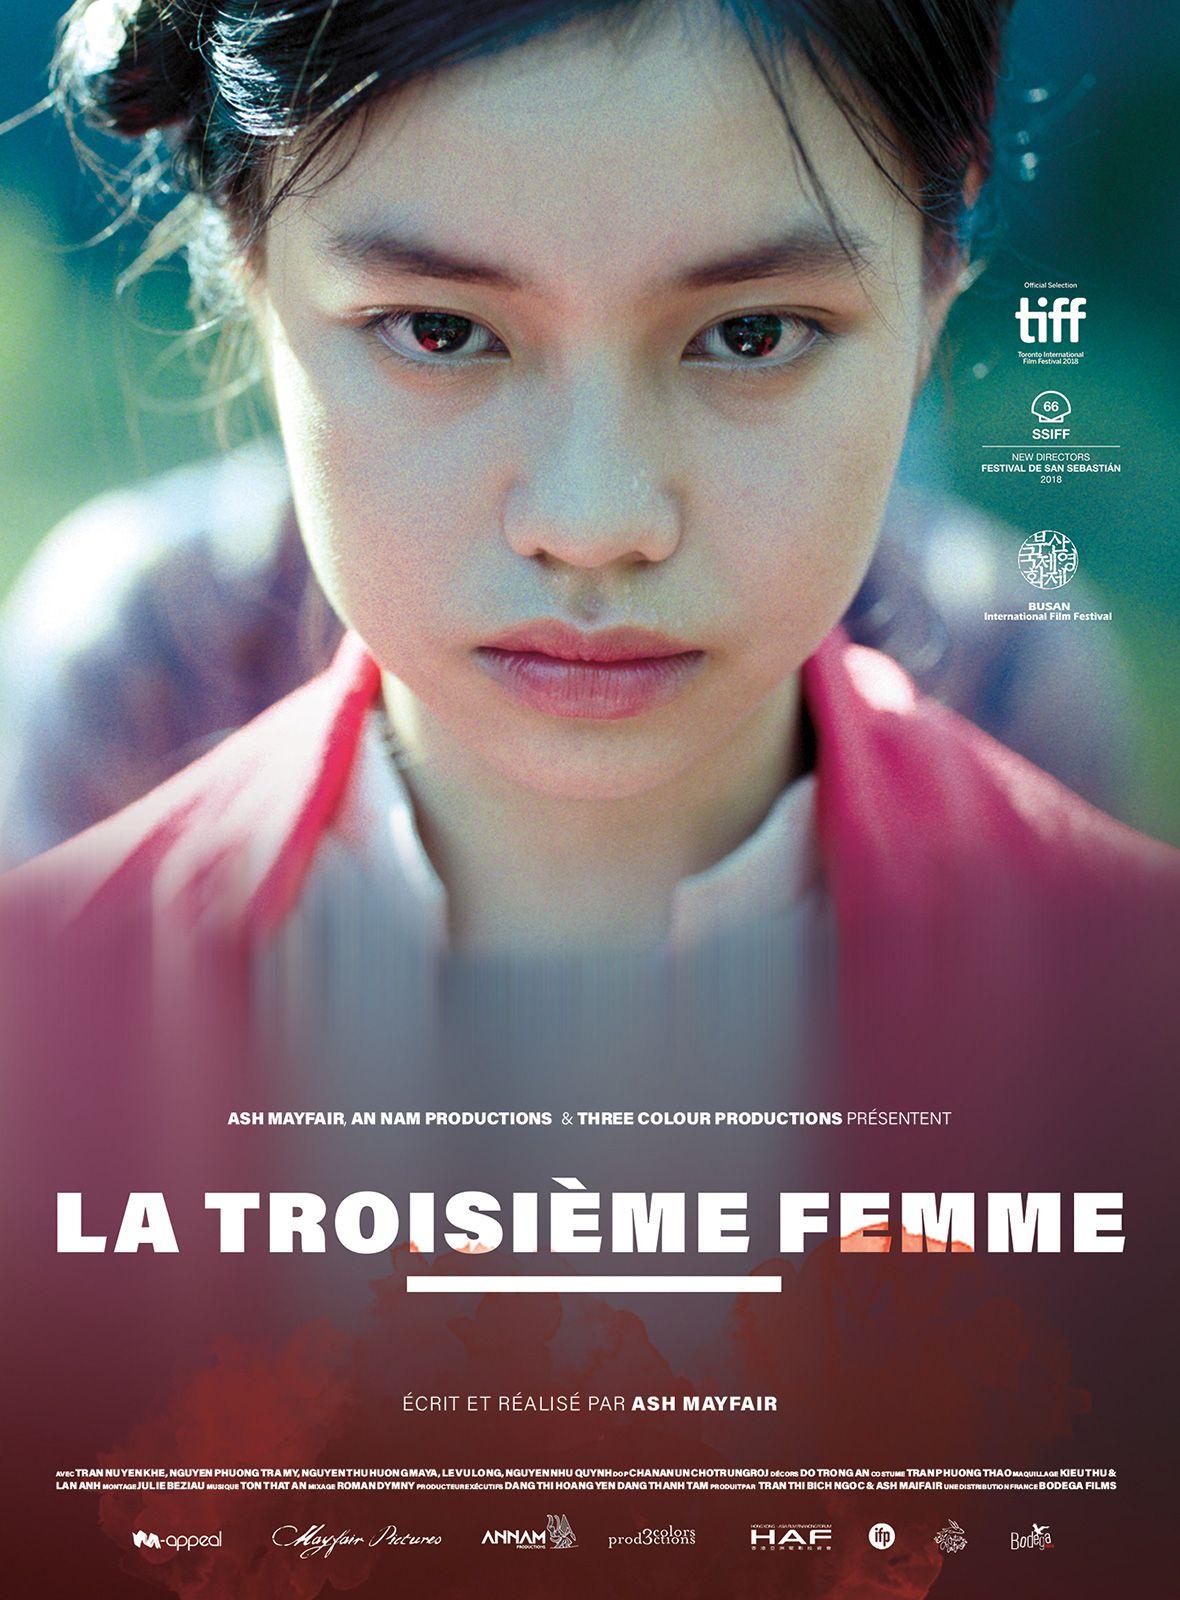 La Troisième femme - Film (2020)